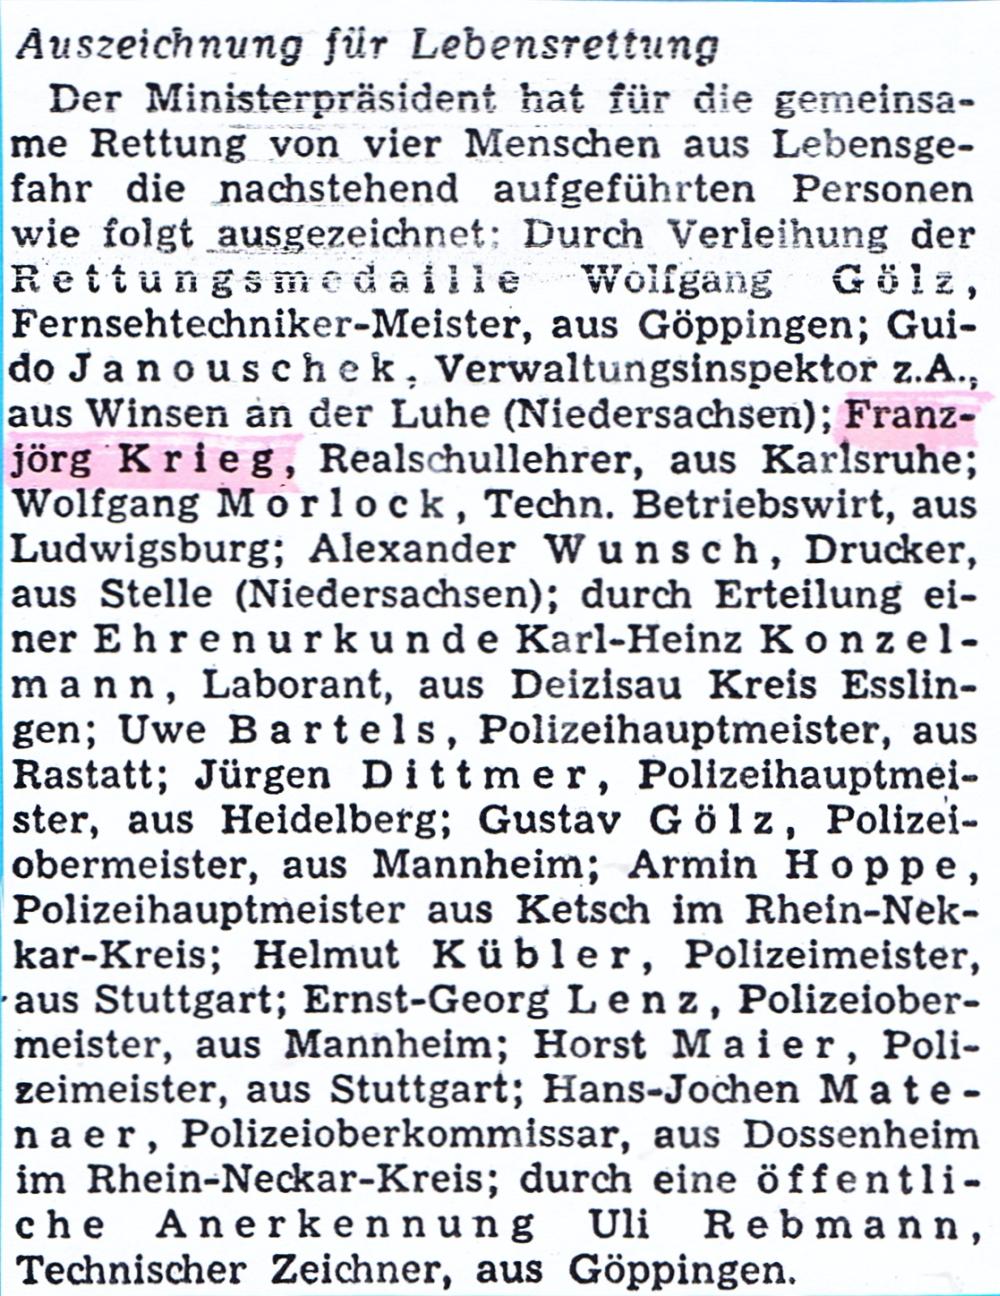 19780225_print_Staatsanzeiger-BW_Artikel_1000